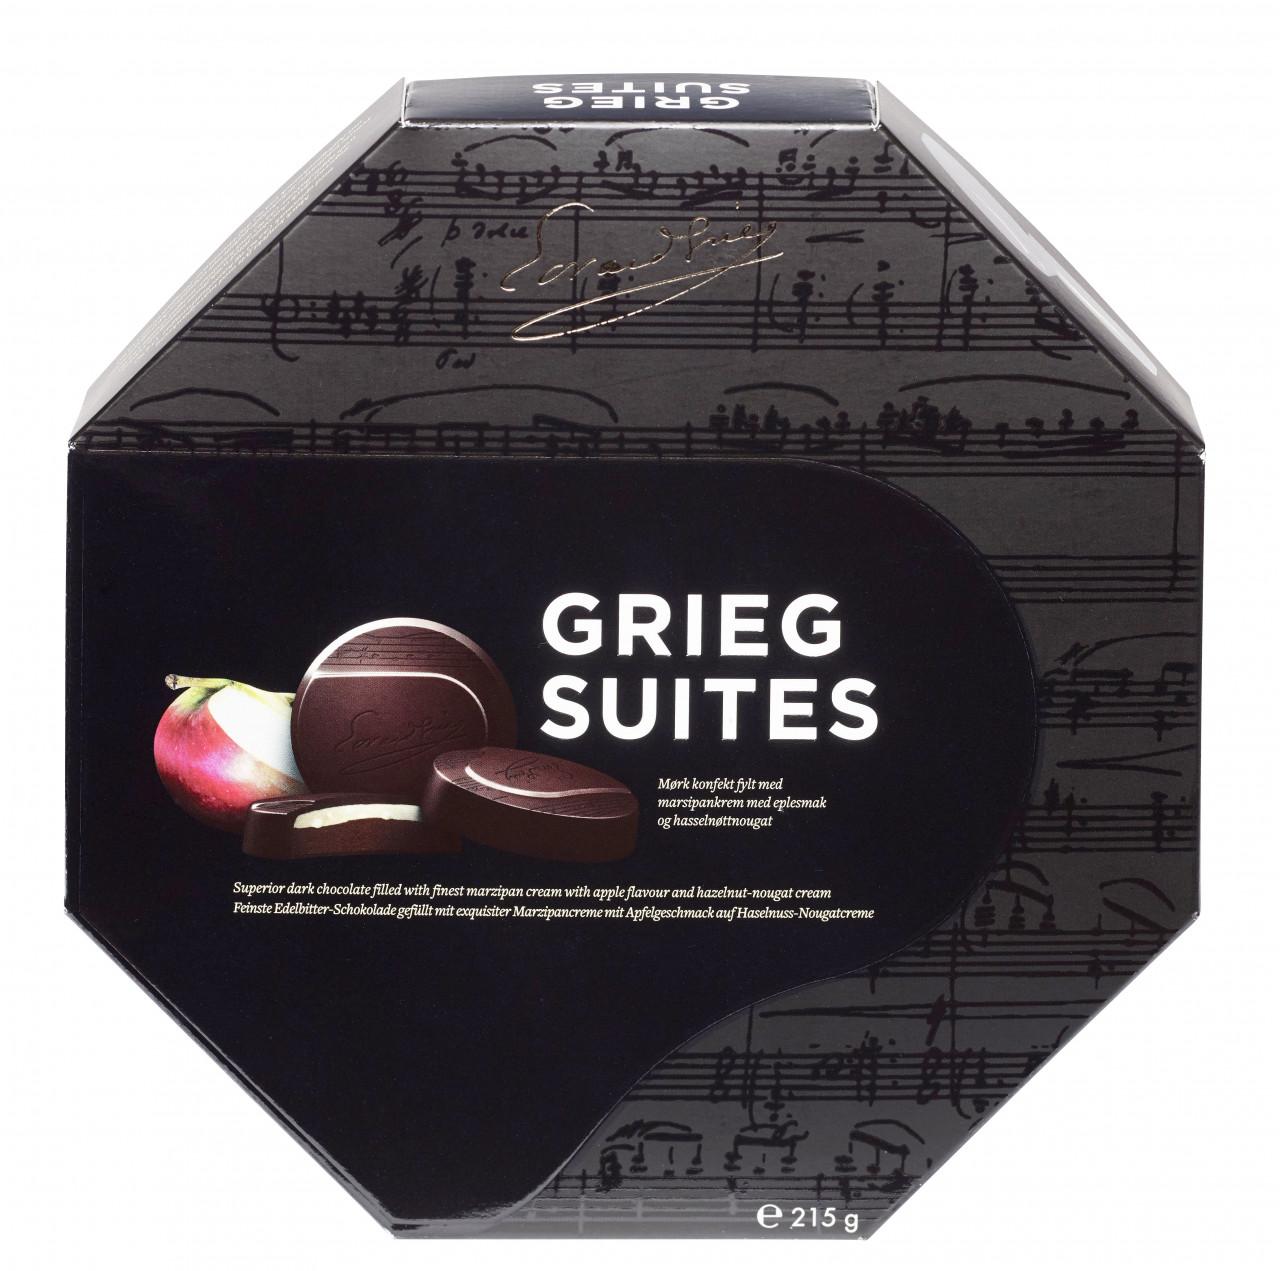 Grieg Suites - norwegische Schokoladetaler (215g)